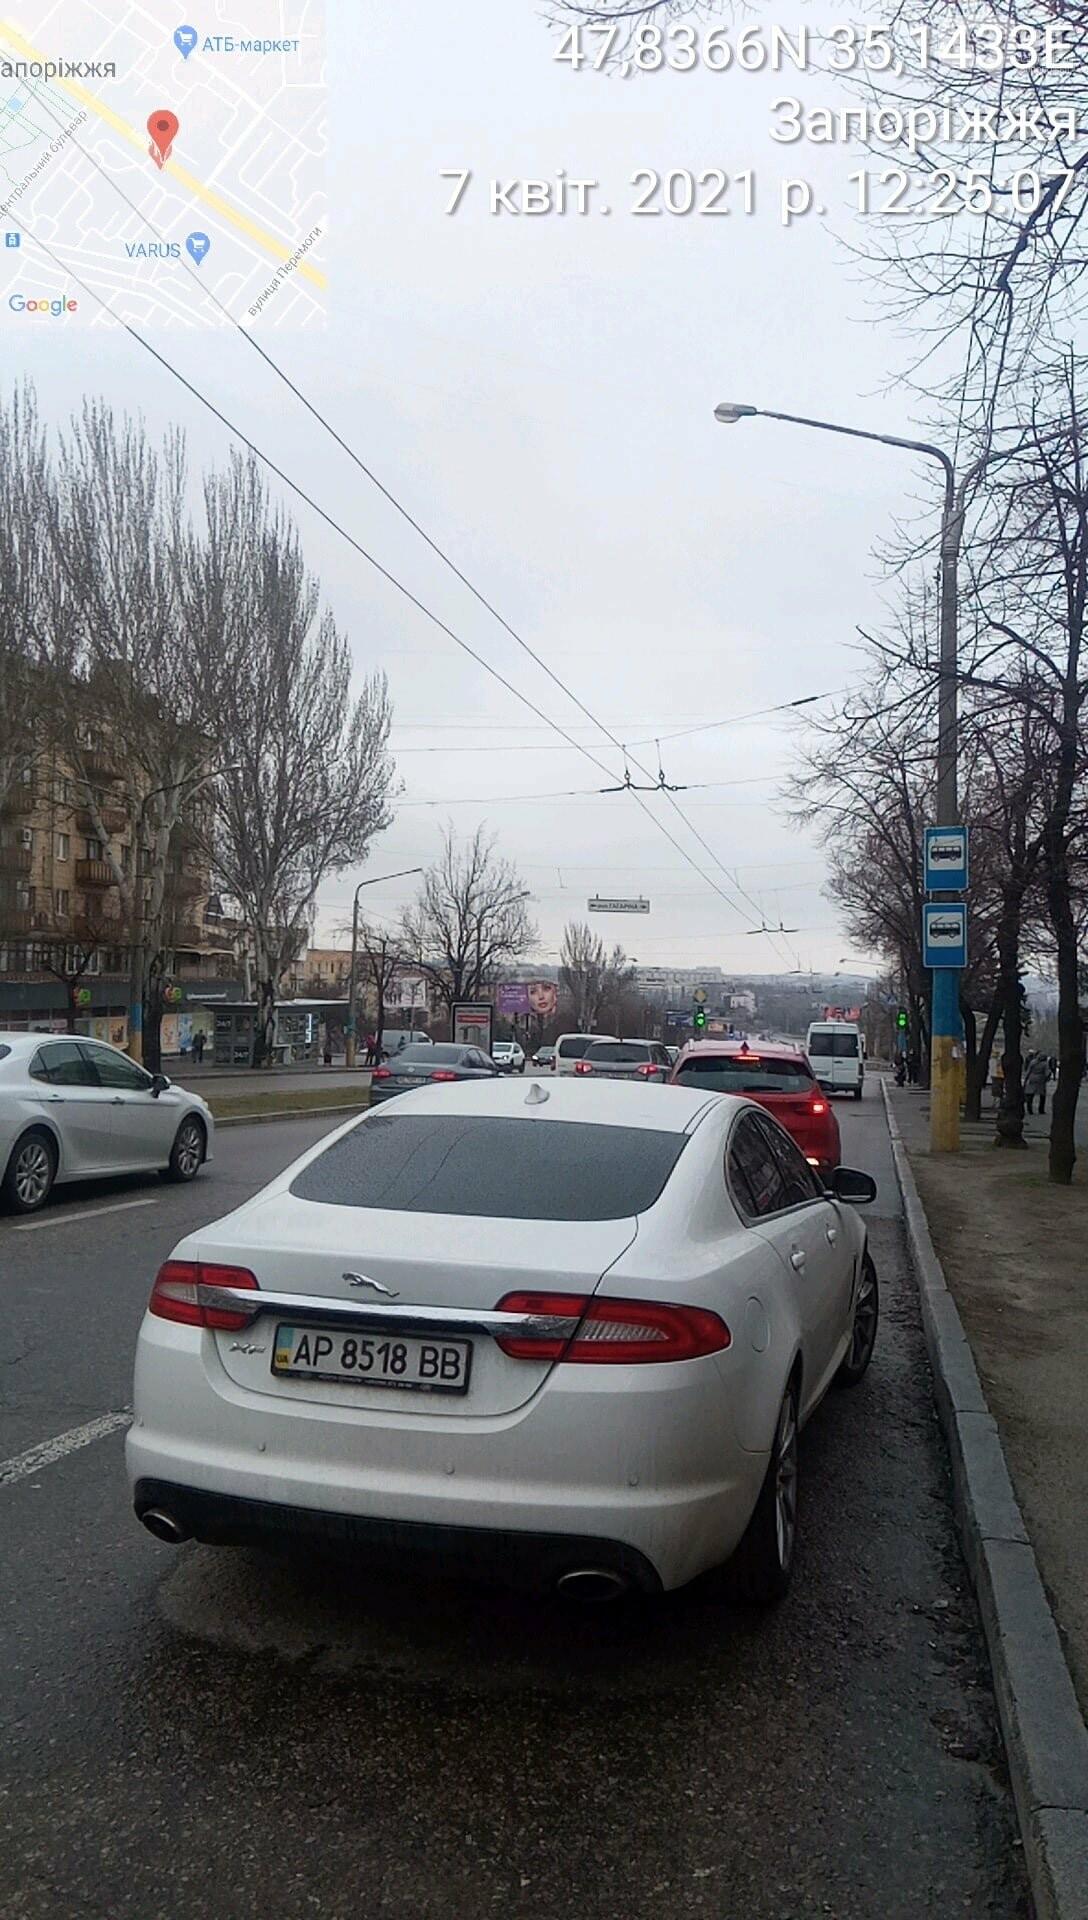 В Запорожье инспекторы по парковке выписали за неделю штрафов на 165 тысяч гривен, фото-1